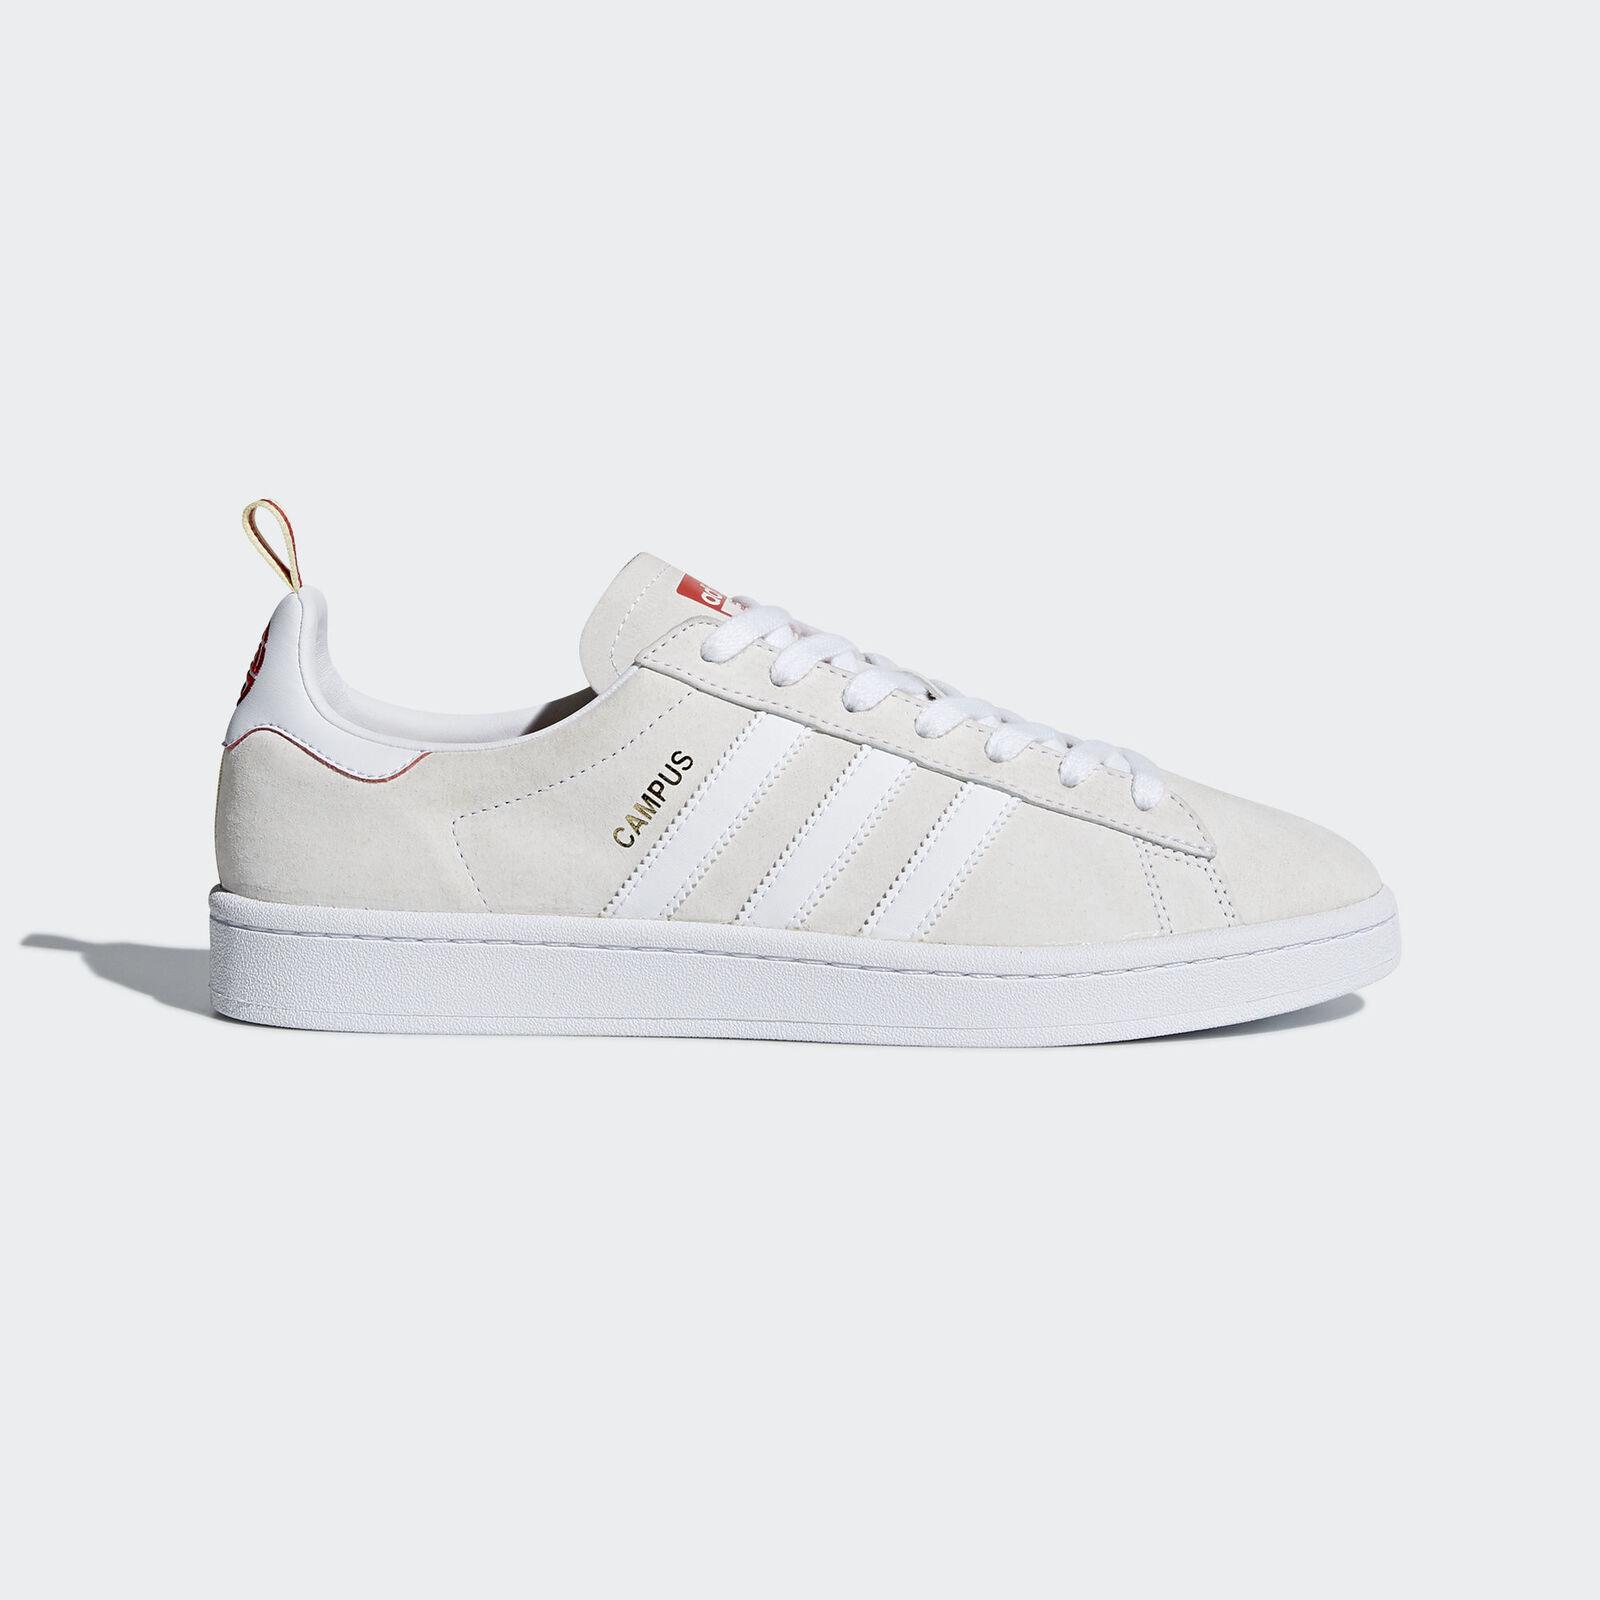 Adidas Originals Campus CNY reducción hombres de precios de los hombres reducción zapatos casuales año del perro blanco / rojo 48a711